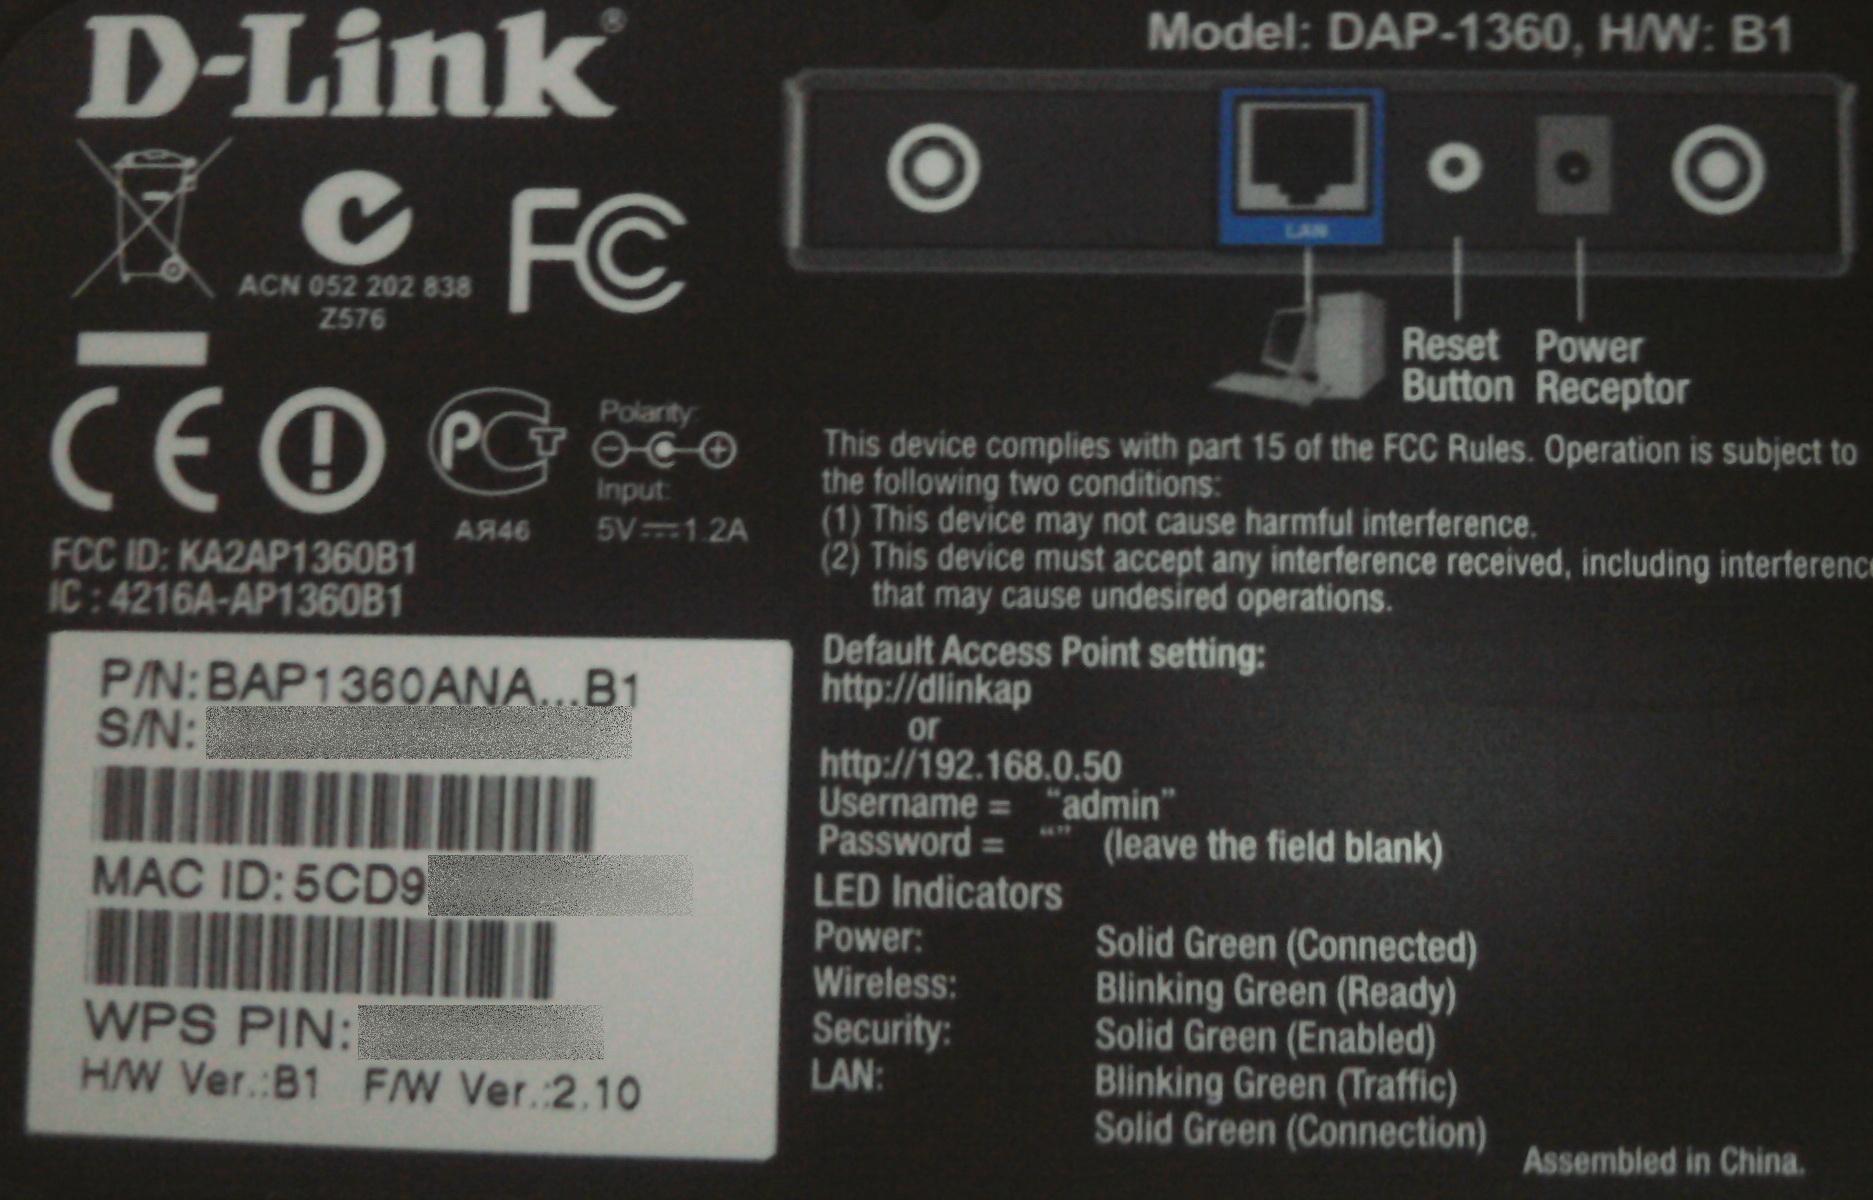 d link dap 1360 b1 firmware download